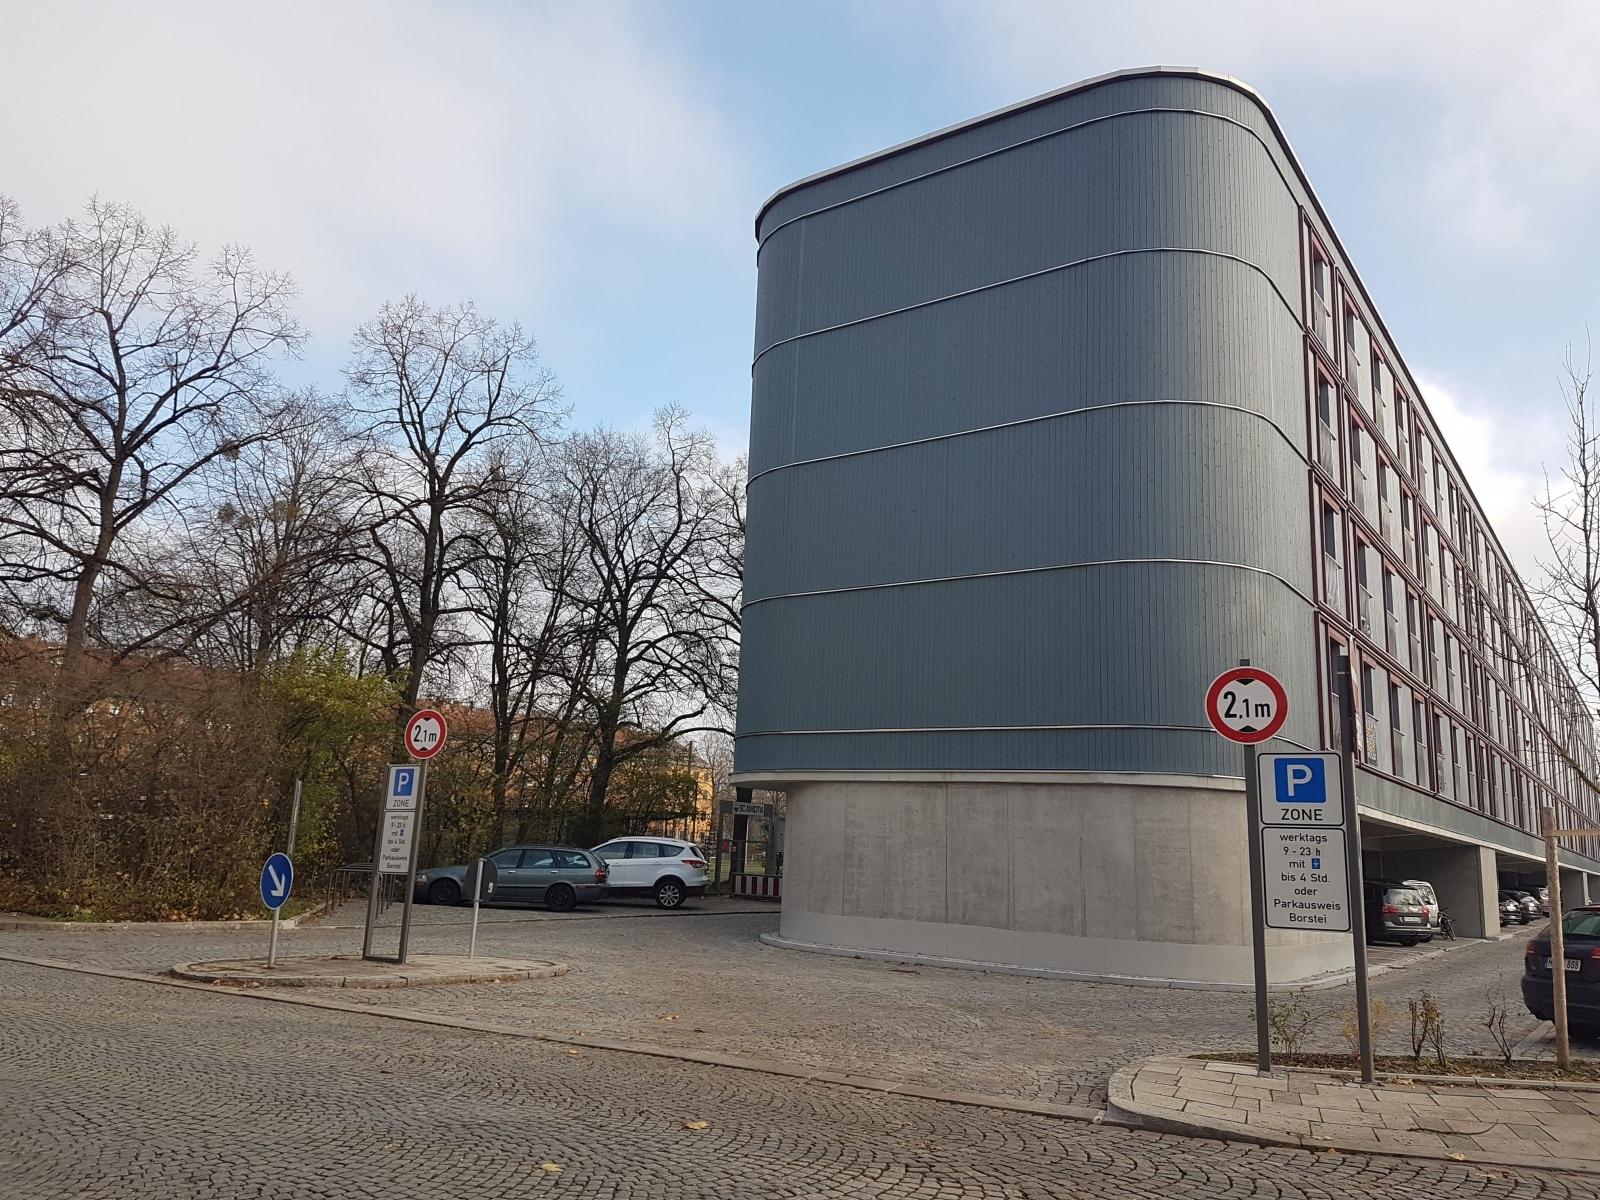 Dantebad München Überbauung Parkplatz bezahlbarer Wohnraum Ortsbeton